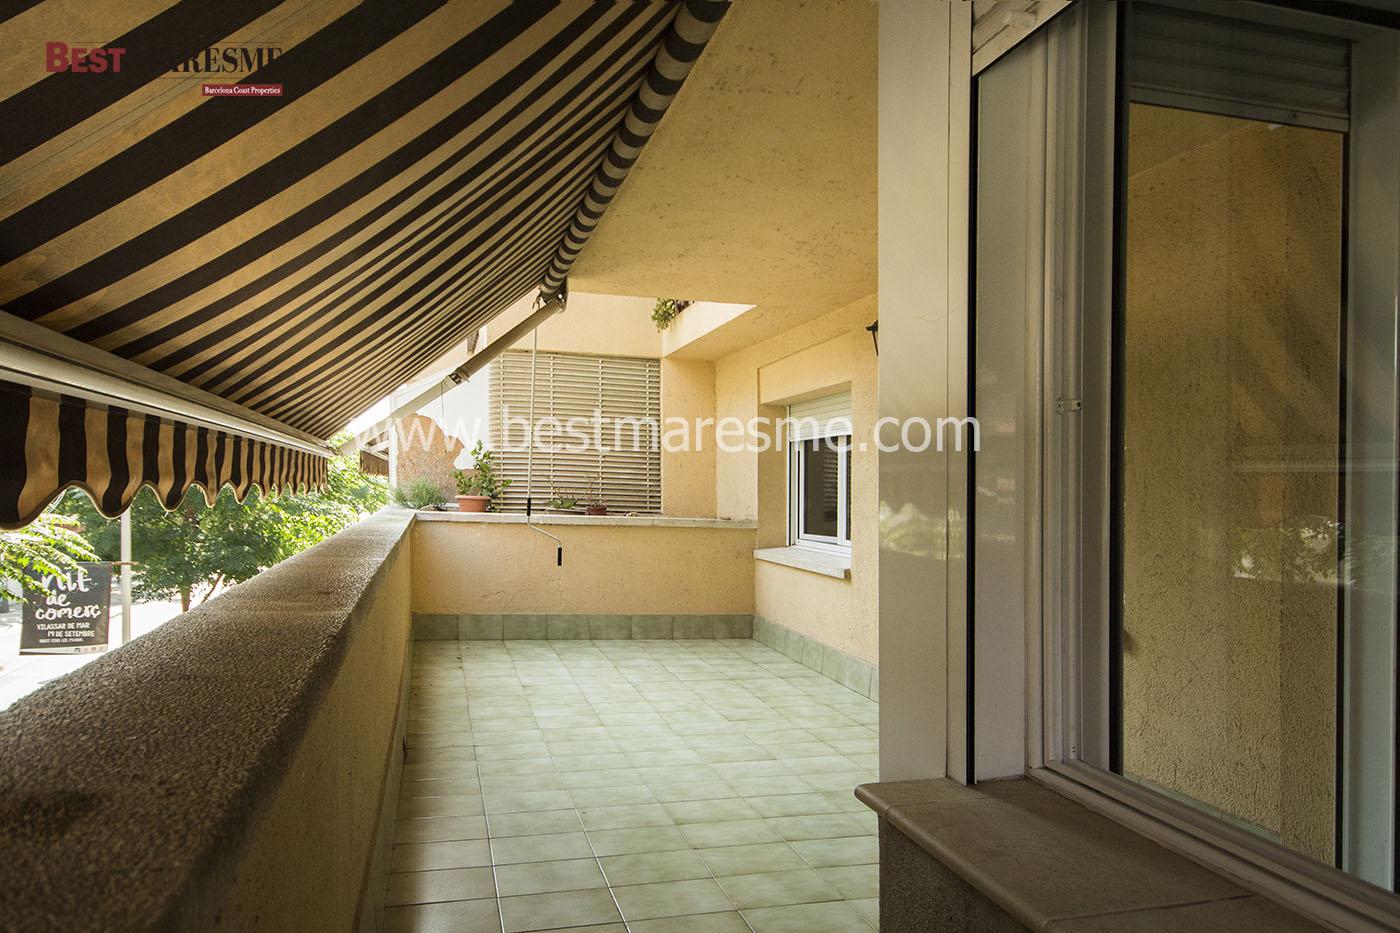 Salón comedor con salida a terraza